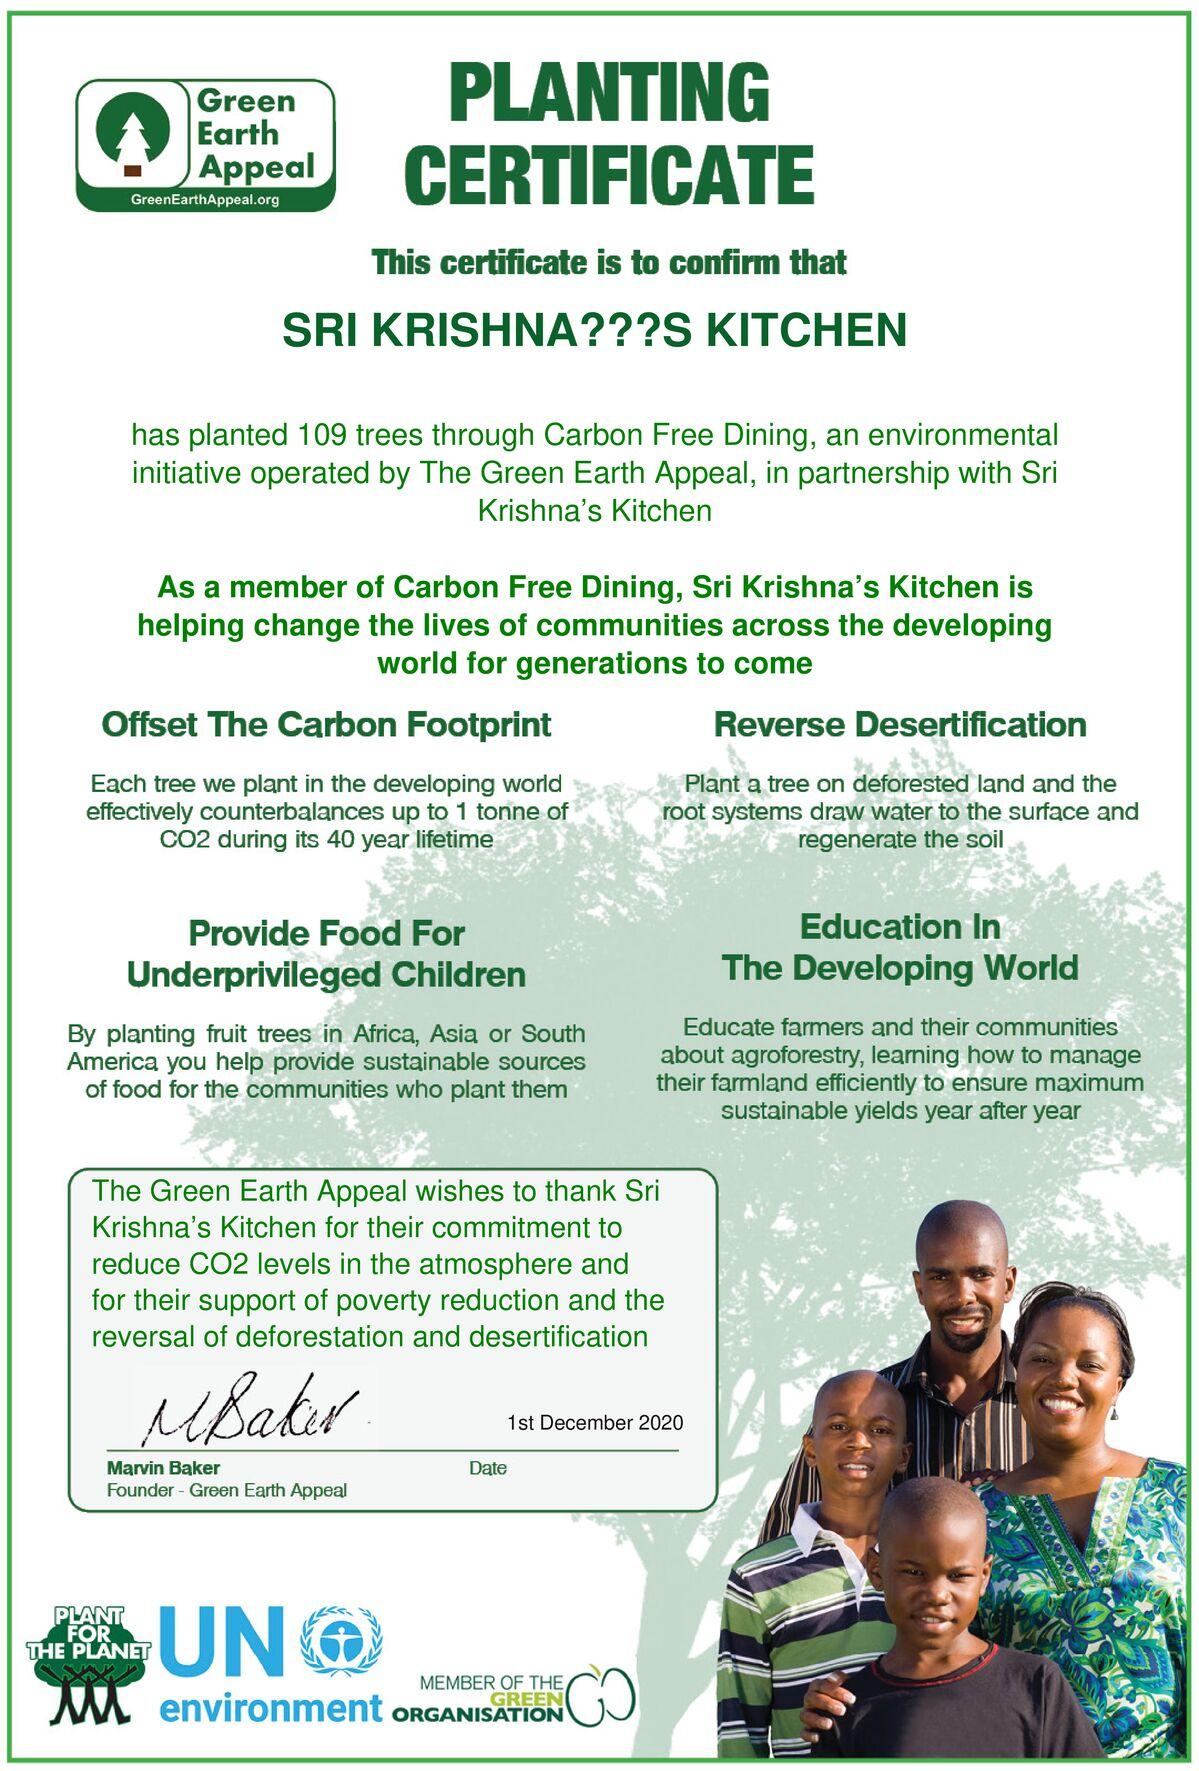 Sri Krishna's Kitchen